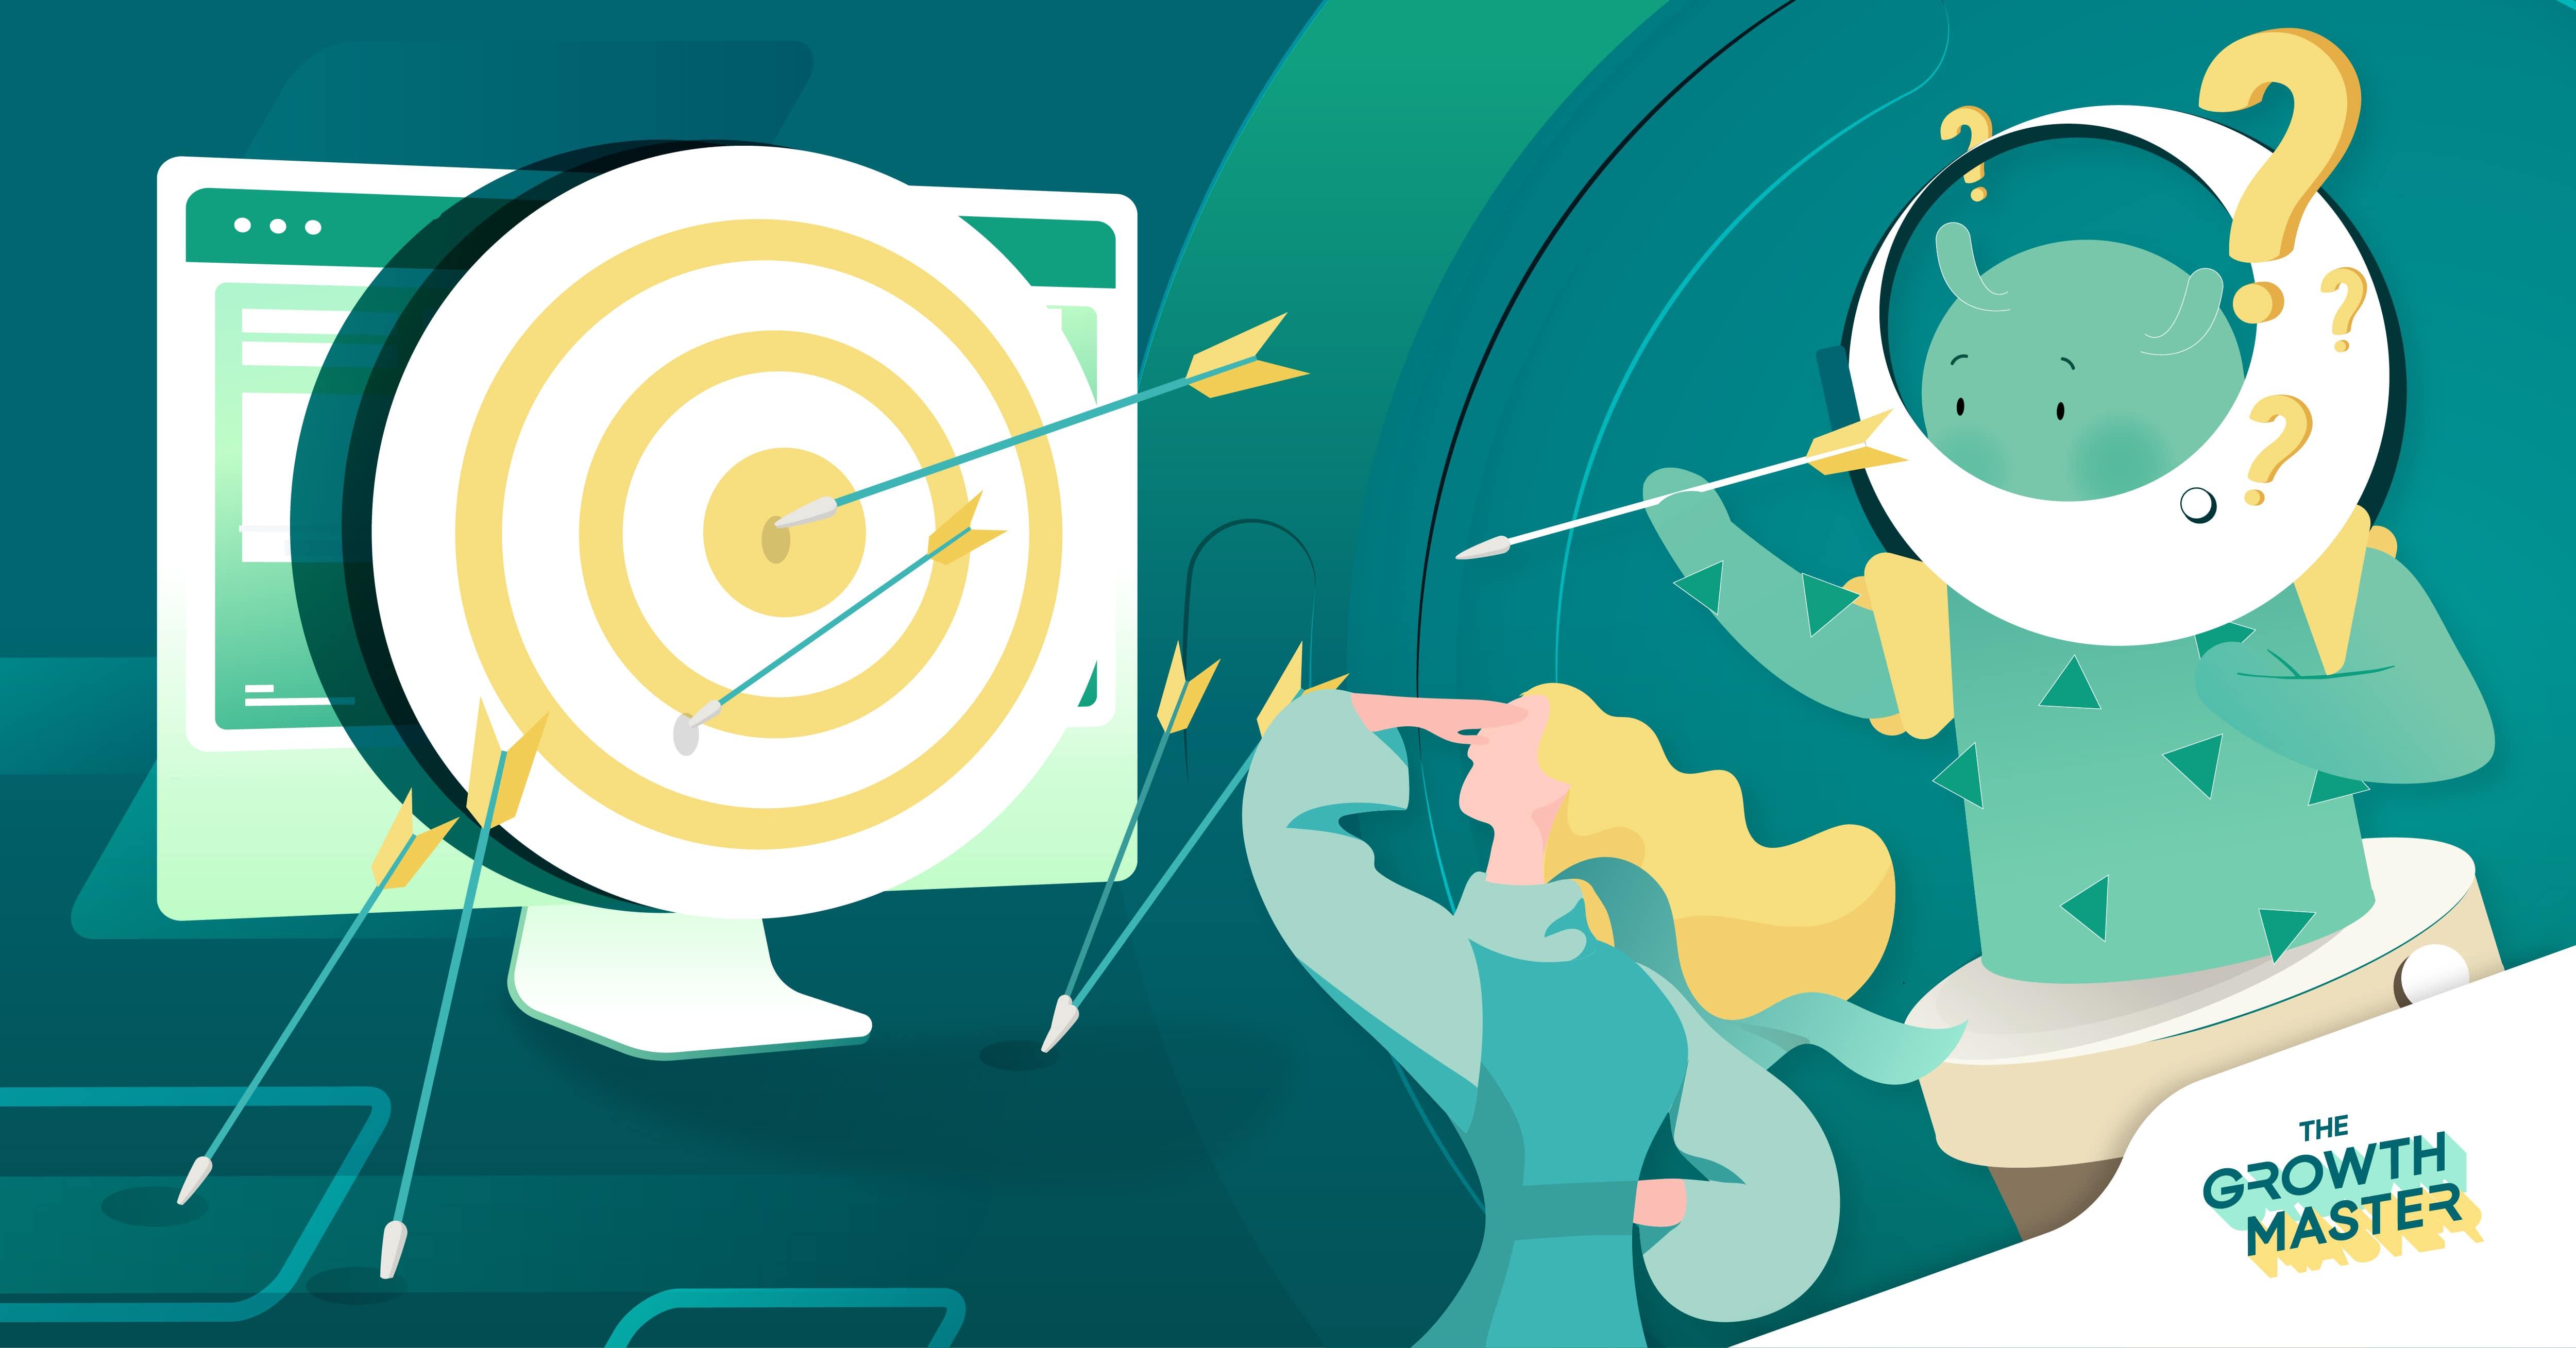 จุดบอดของการทำ Content Marketing ที่ต้องระวังหากต้องการให้ธุรกิจเติบโต (ฉบับปี2020)